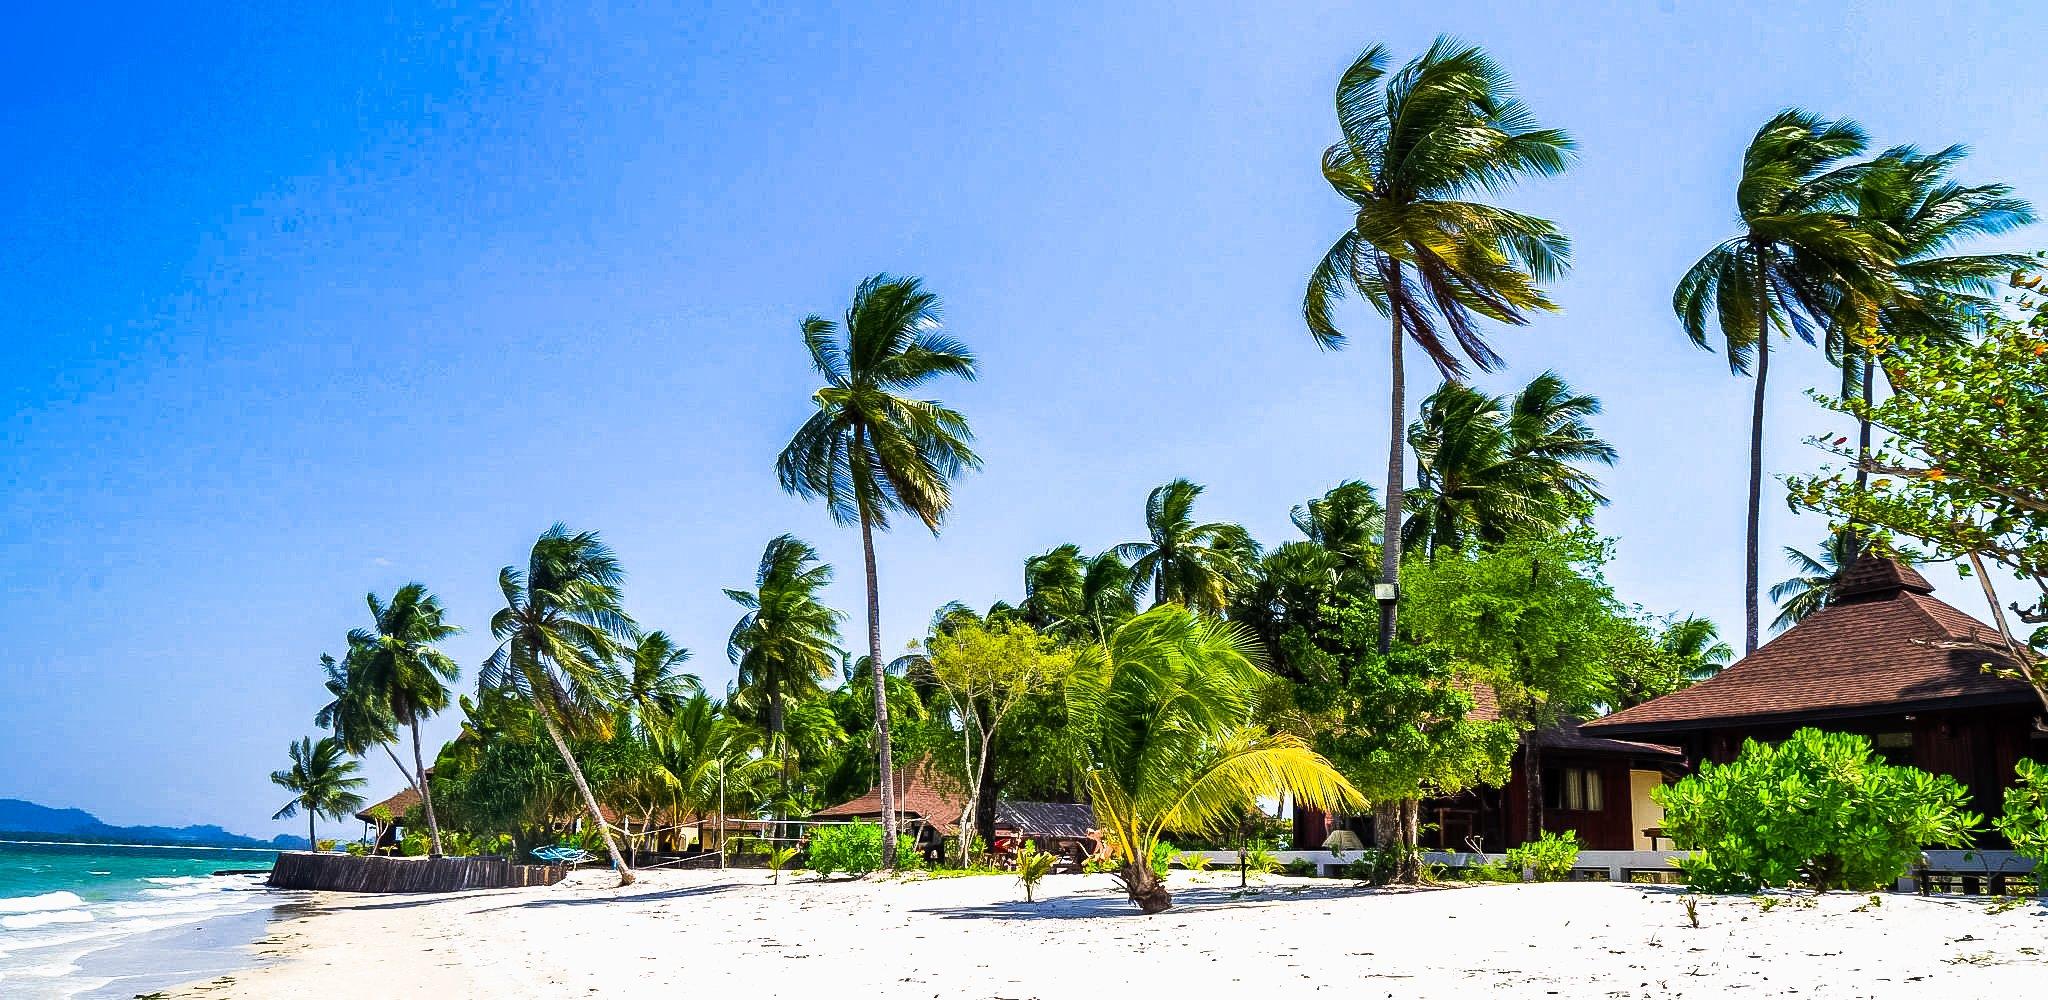 The White Stretch of Muk Kaew & Sai Kaew is beach between Muk Kaew and Sai Kaew.